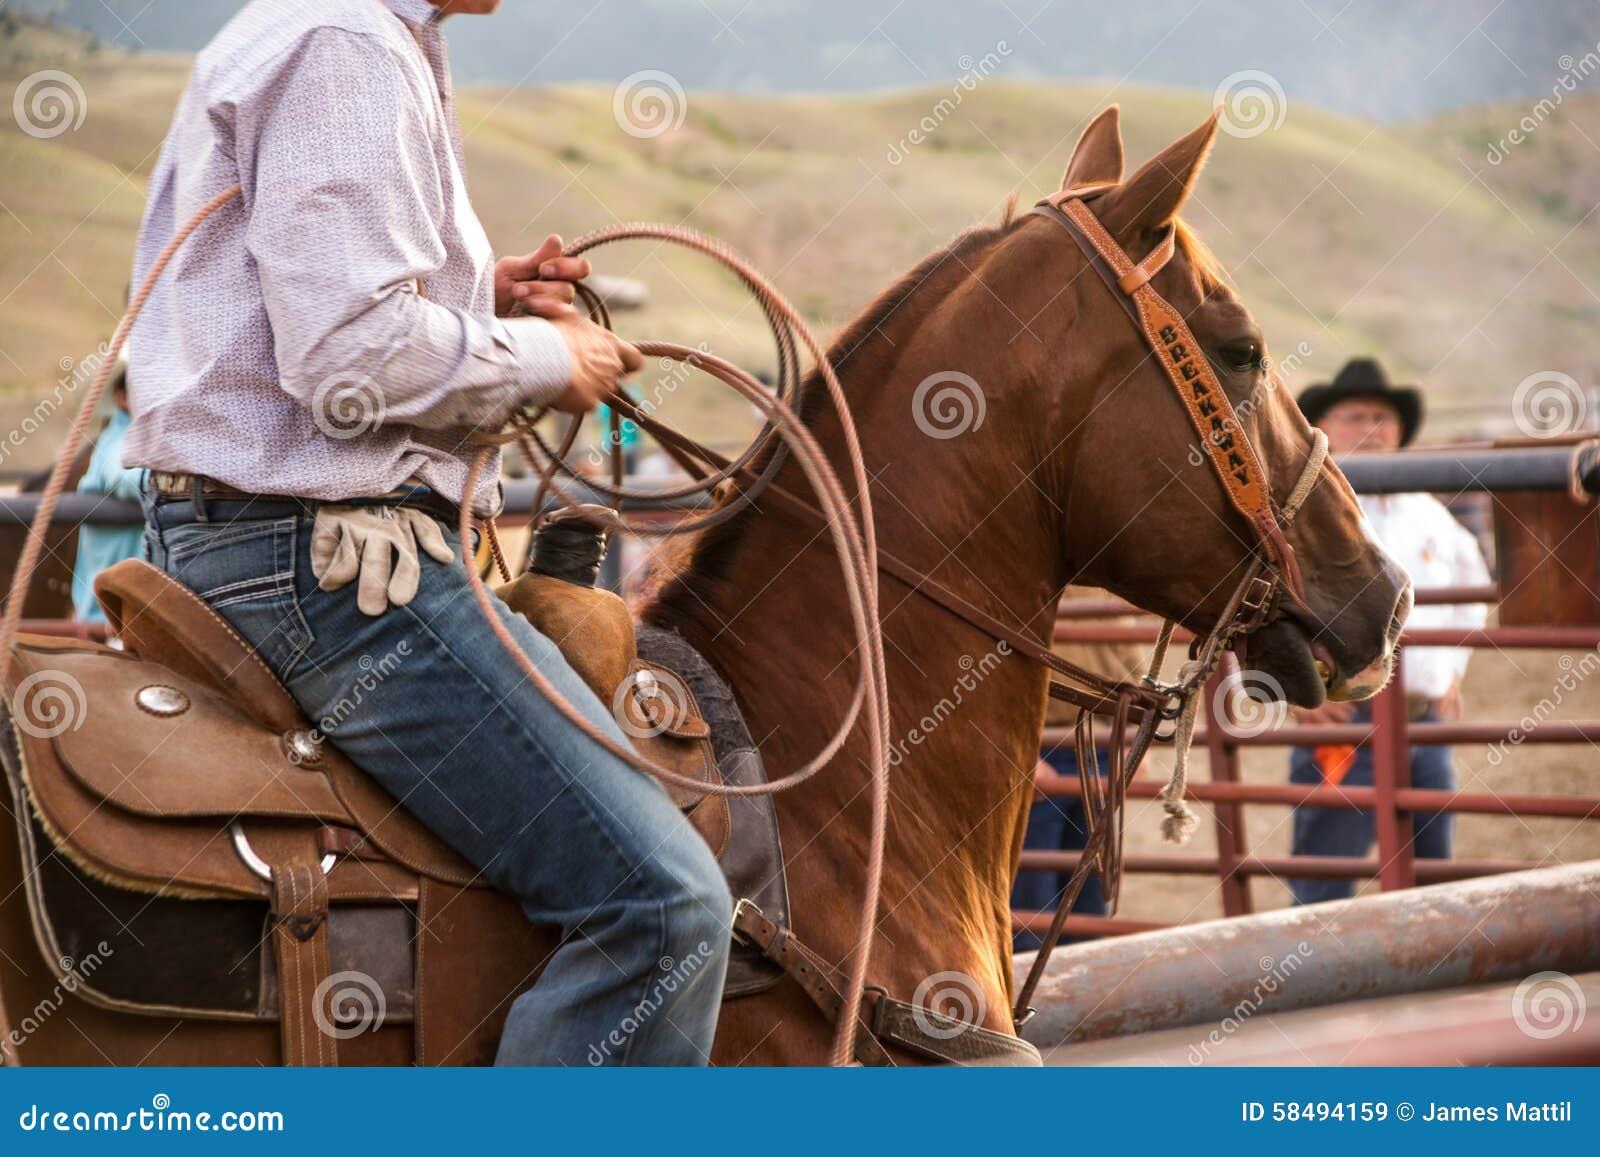 Rodeo Wrangler